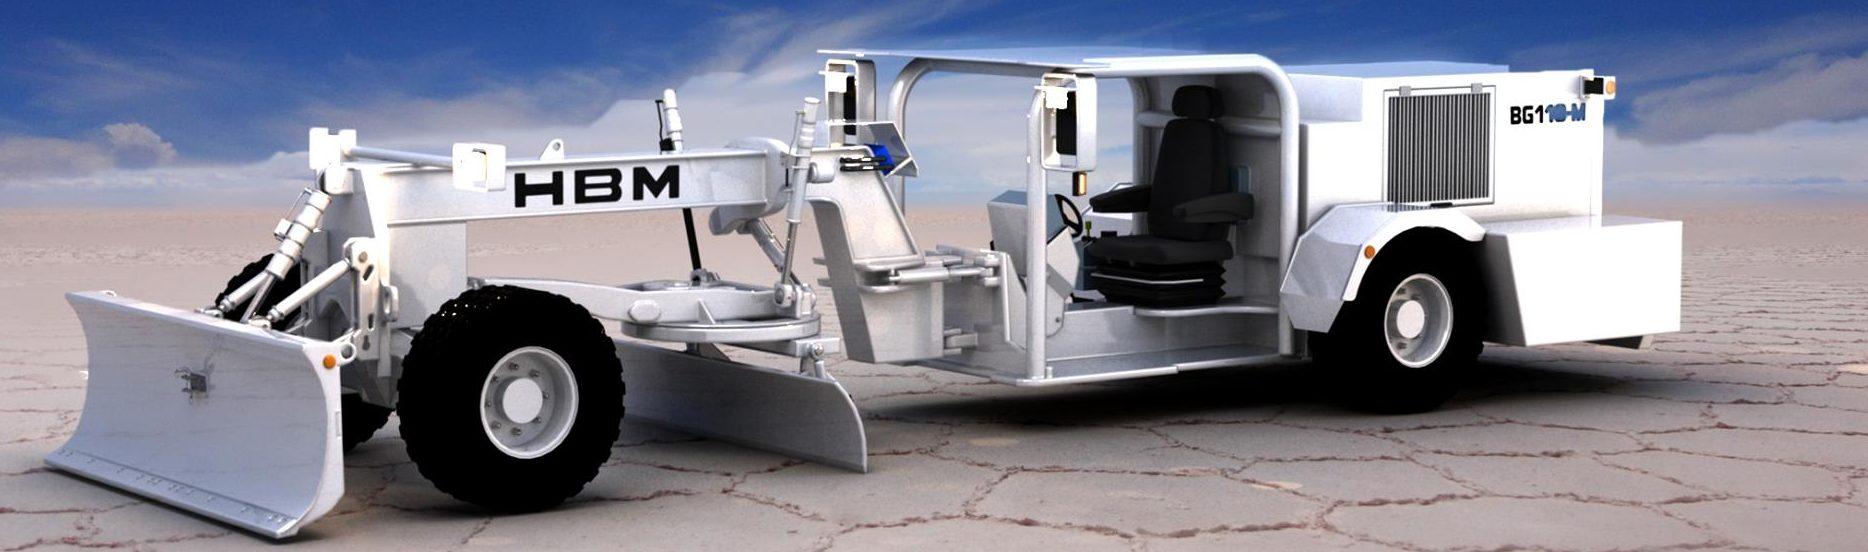 Fahrzeug - HBM Grader BG110-M